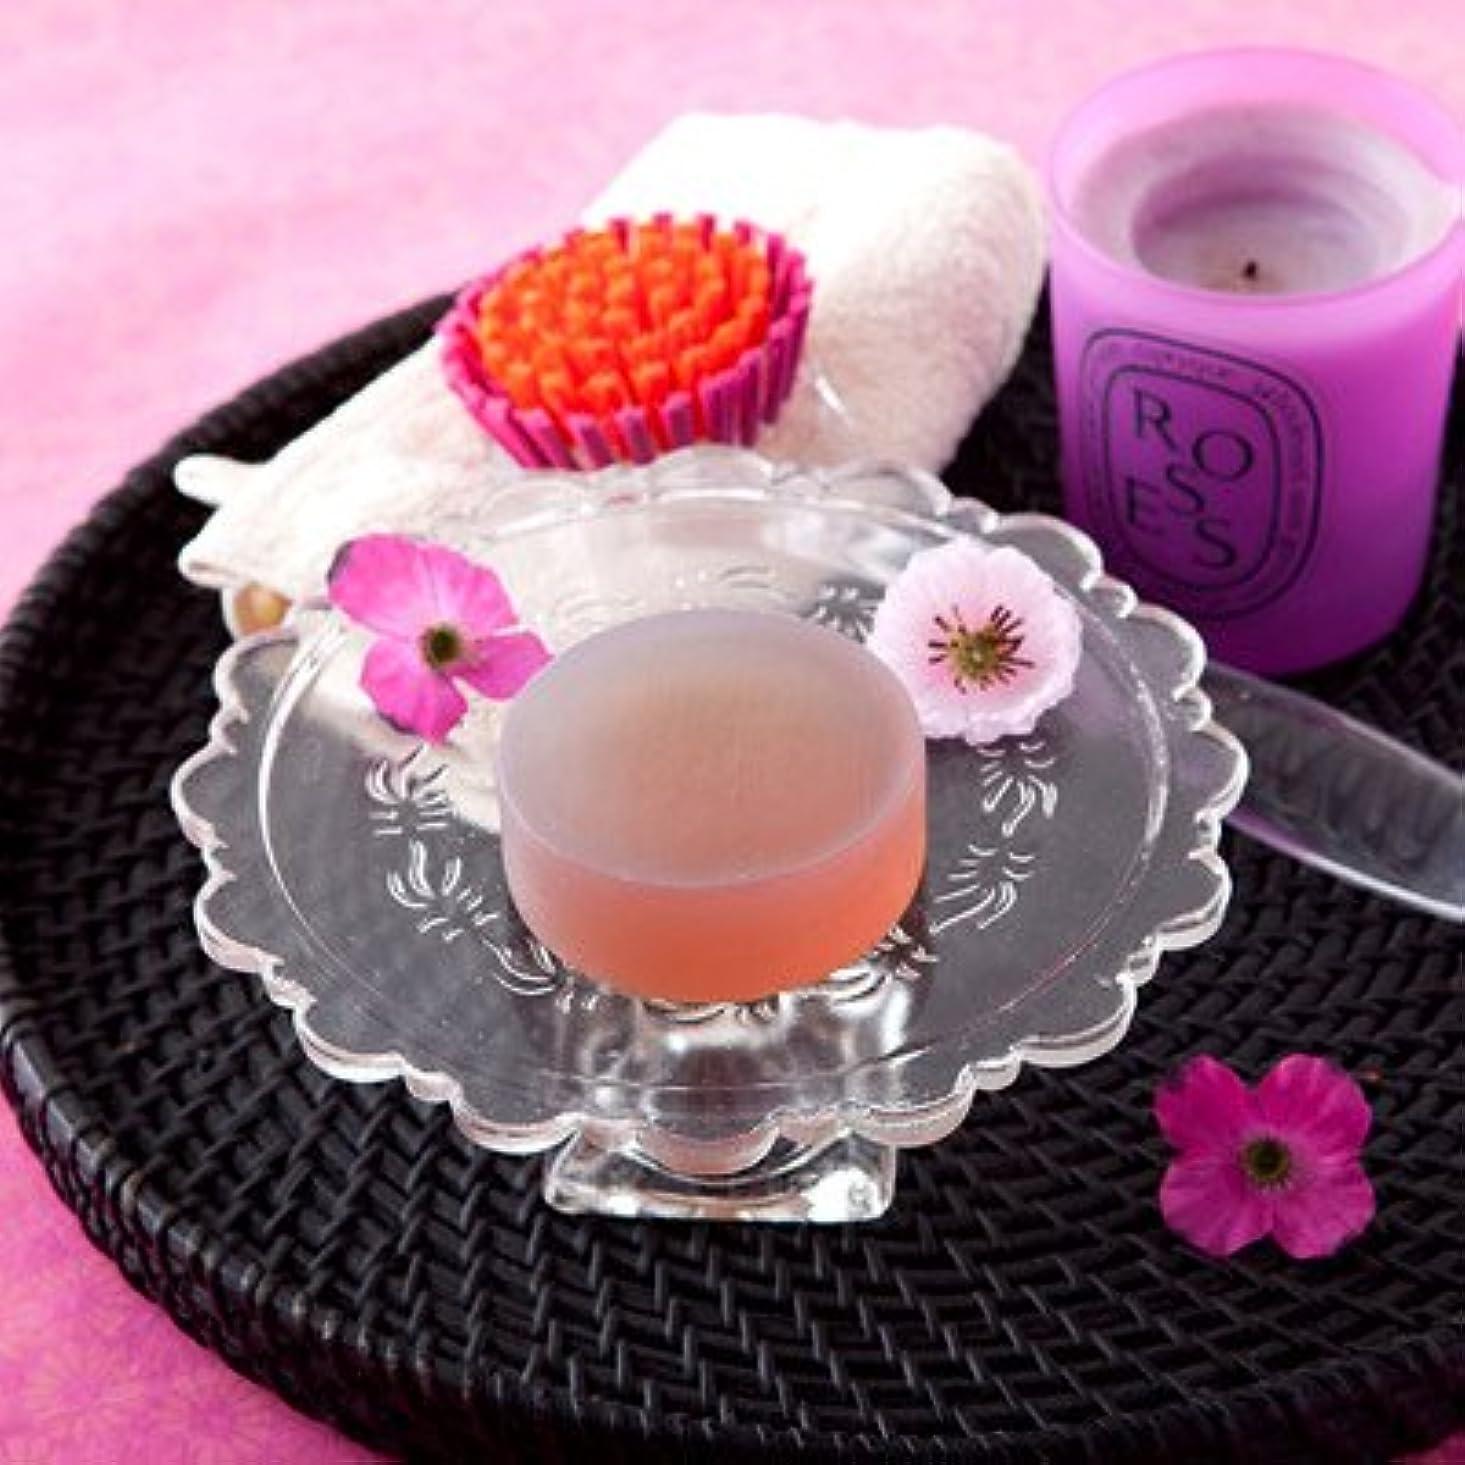 ゴシップ発火するスポンサーお肌の弱い方も安心なクリアソープセット ペアローザ エステソープ 紫潤(2個セット)